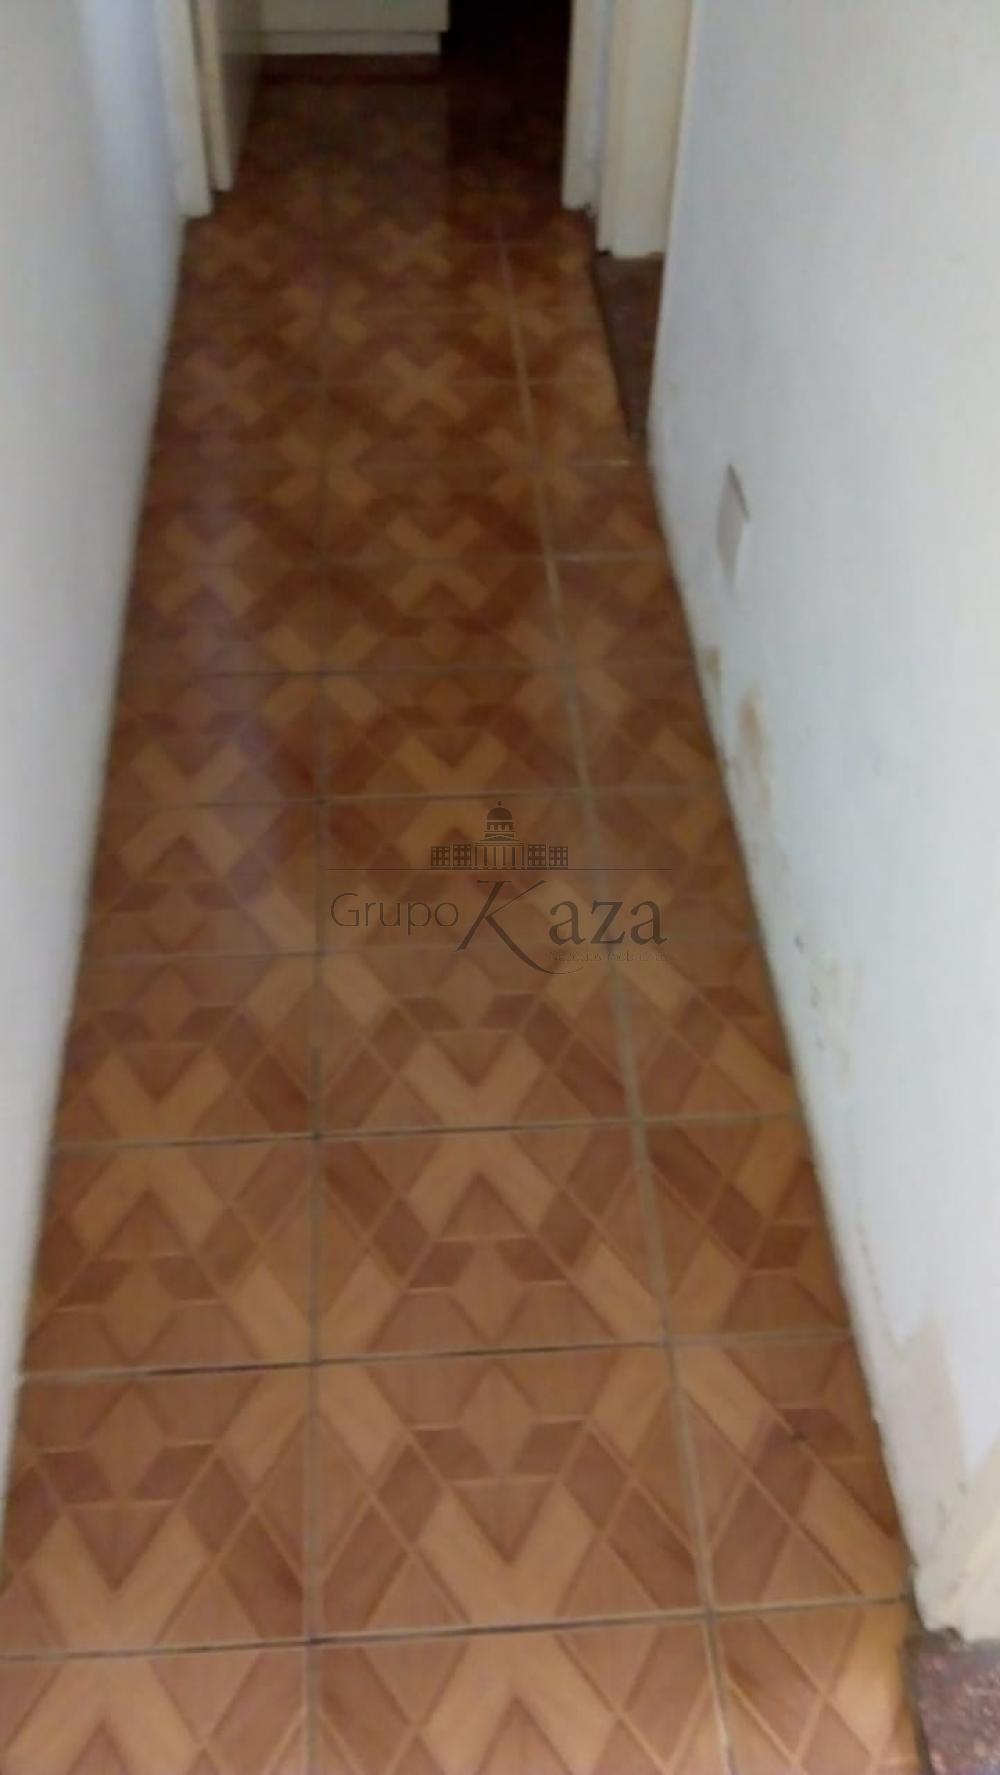 Alugar Apartamento / Padrão em São José dos Campos R$ 850,00 - Foto 1